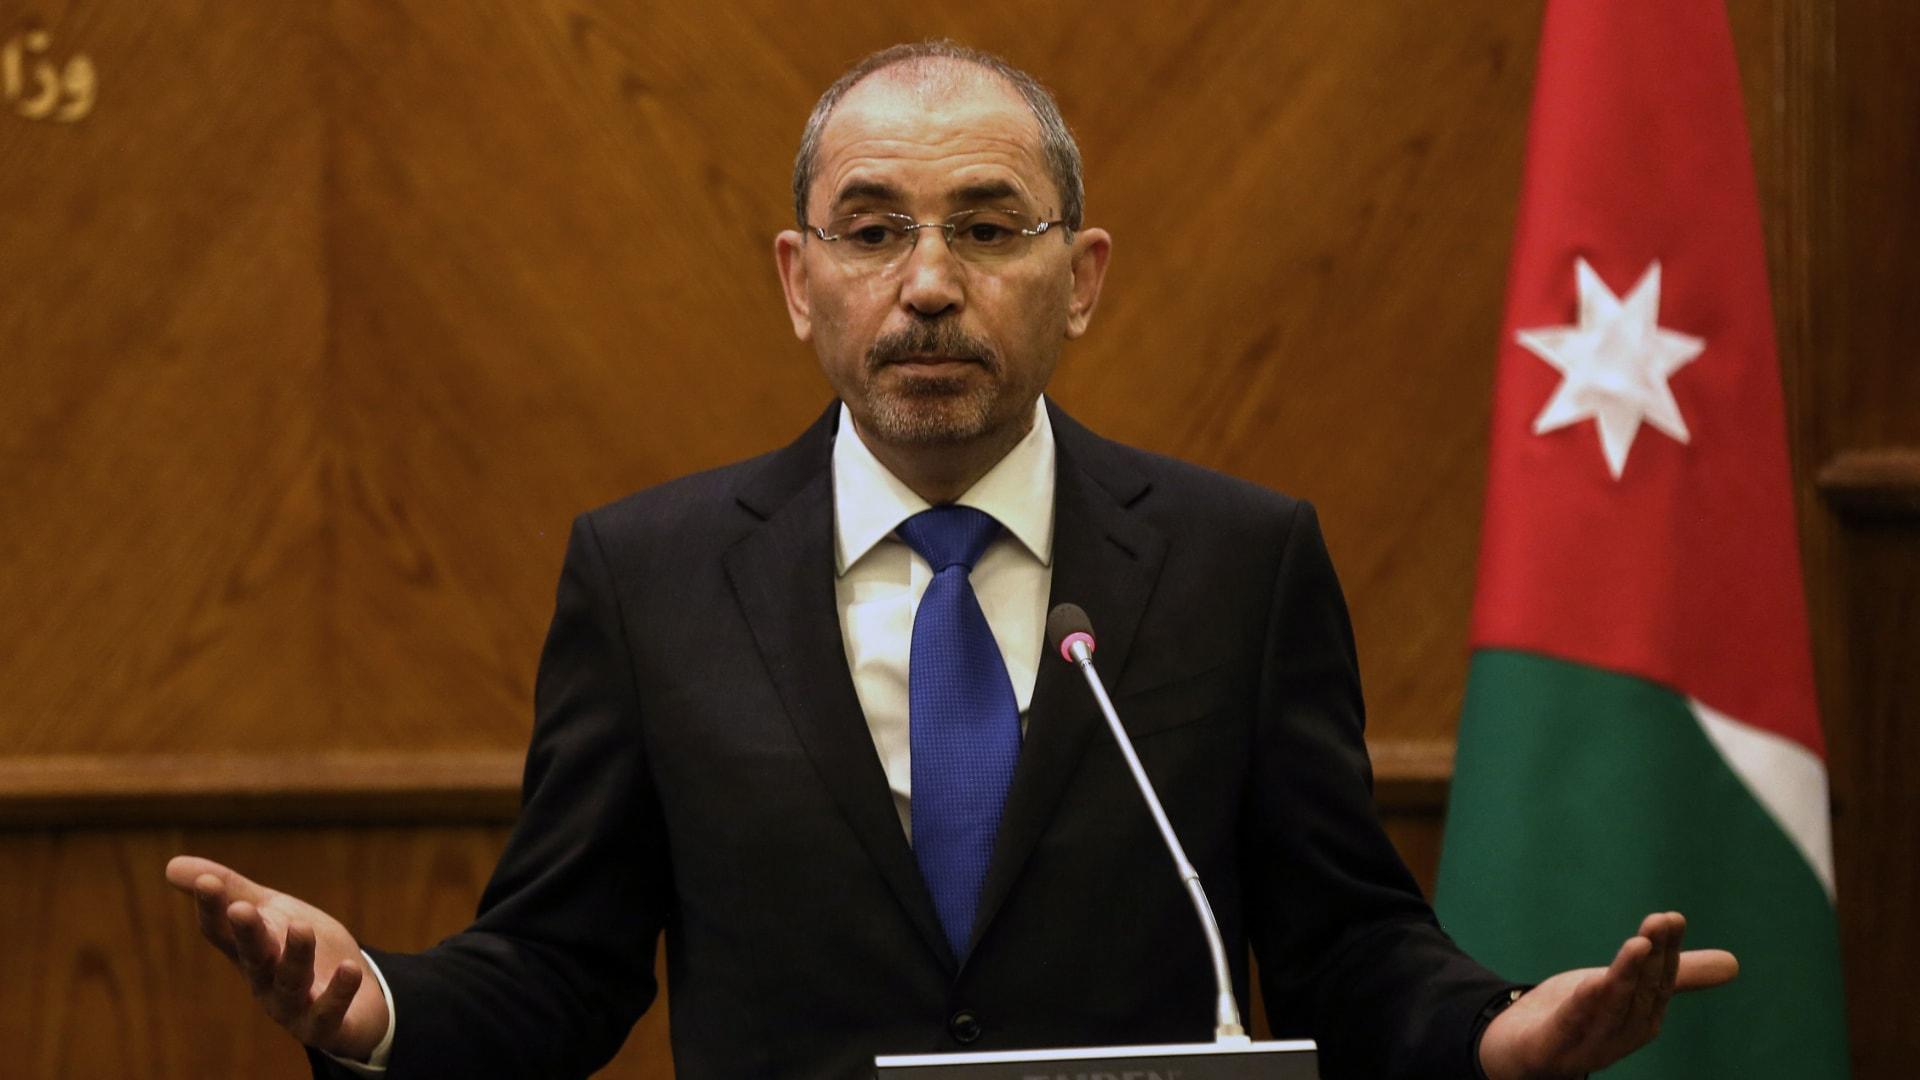 الأردن: إعلان إسرائيل وقف الضم متطلب أساسي لقيام دولة فلسطين